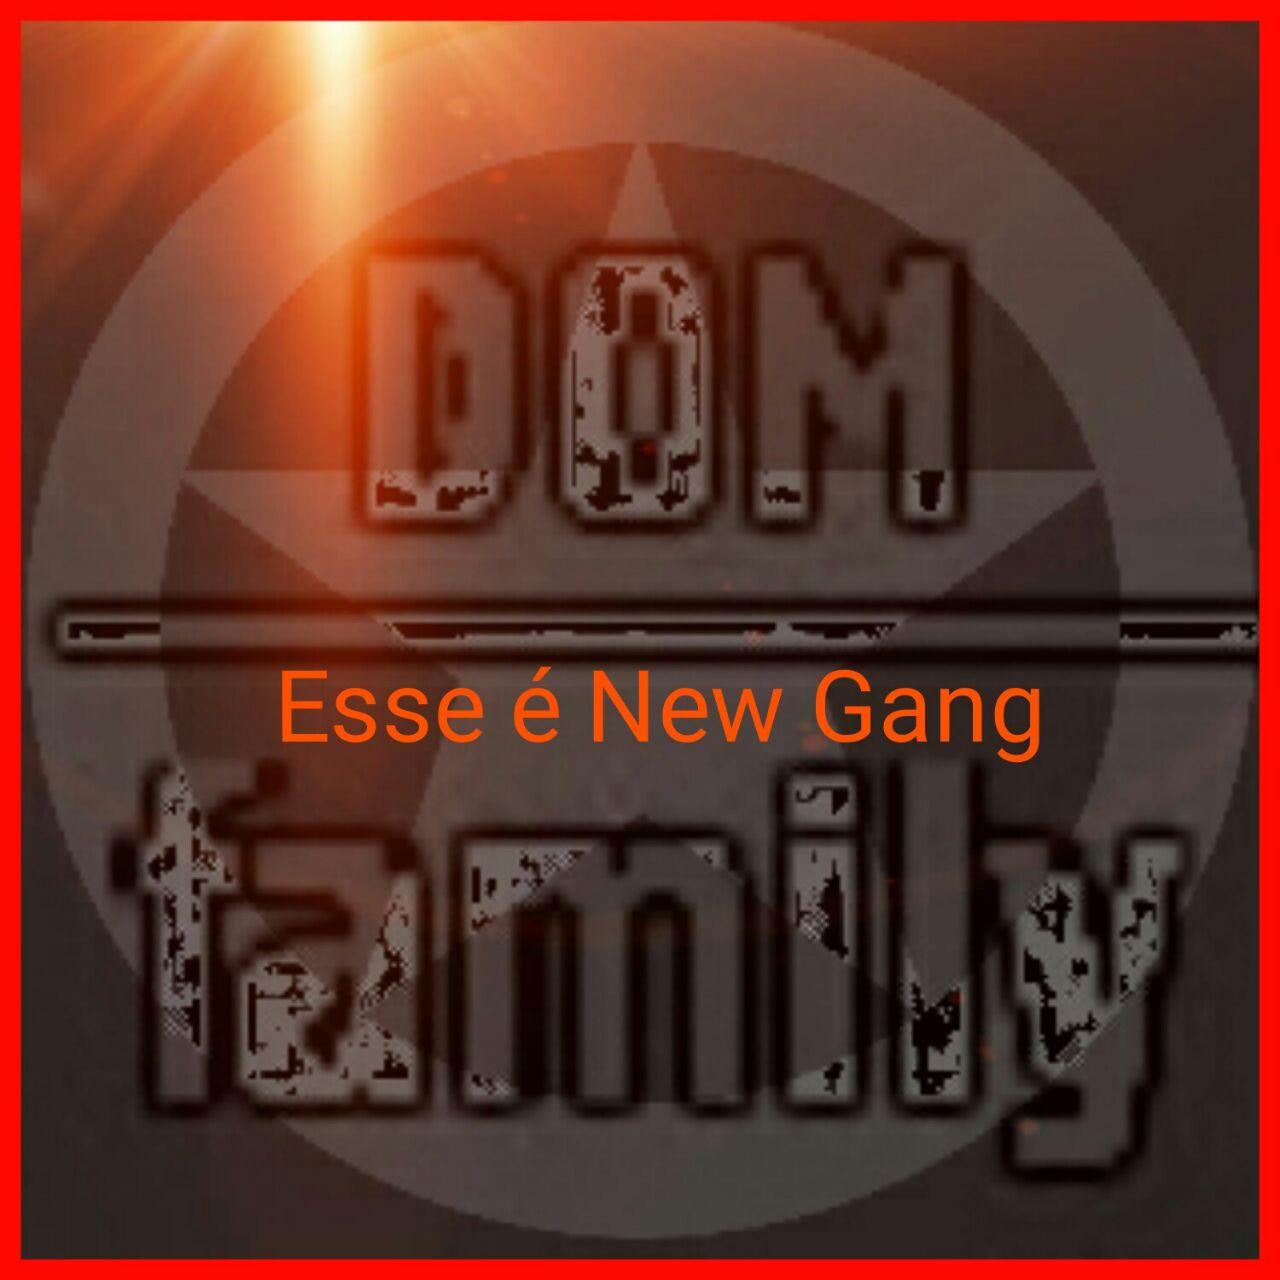 Post Malone Congratulations Ft Quavo Mp3 Download 320kbps: Dom Family - C.M.N (Com Meu Nigga) 2018